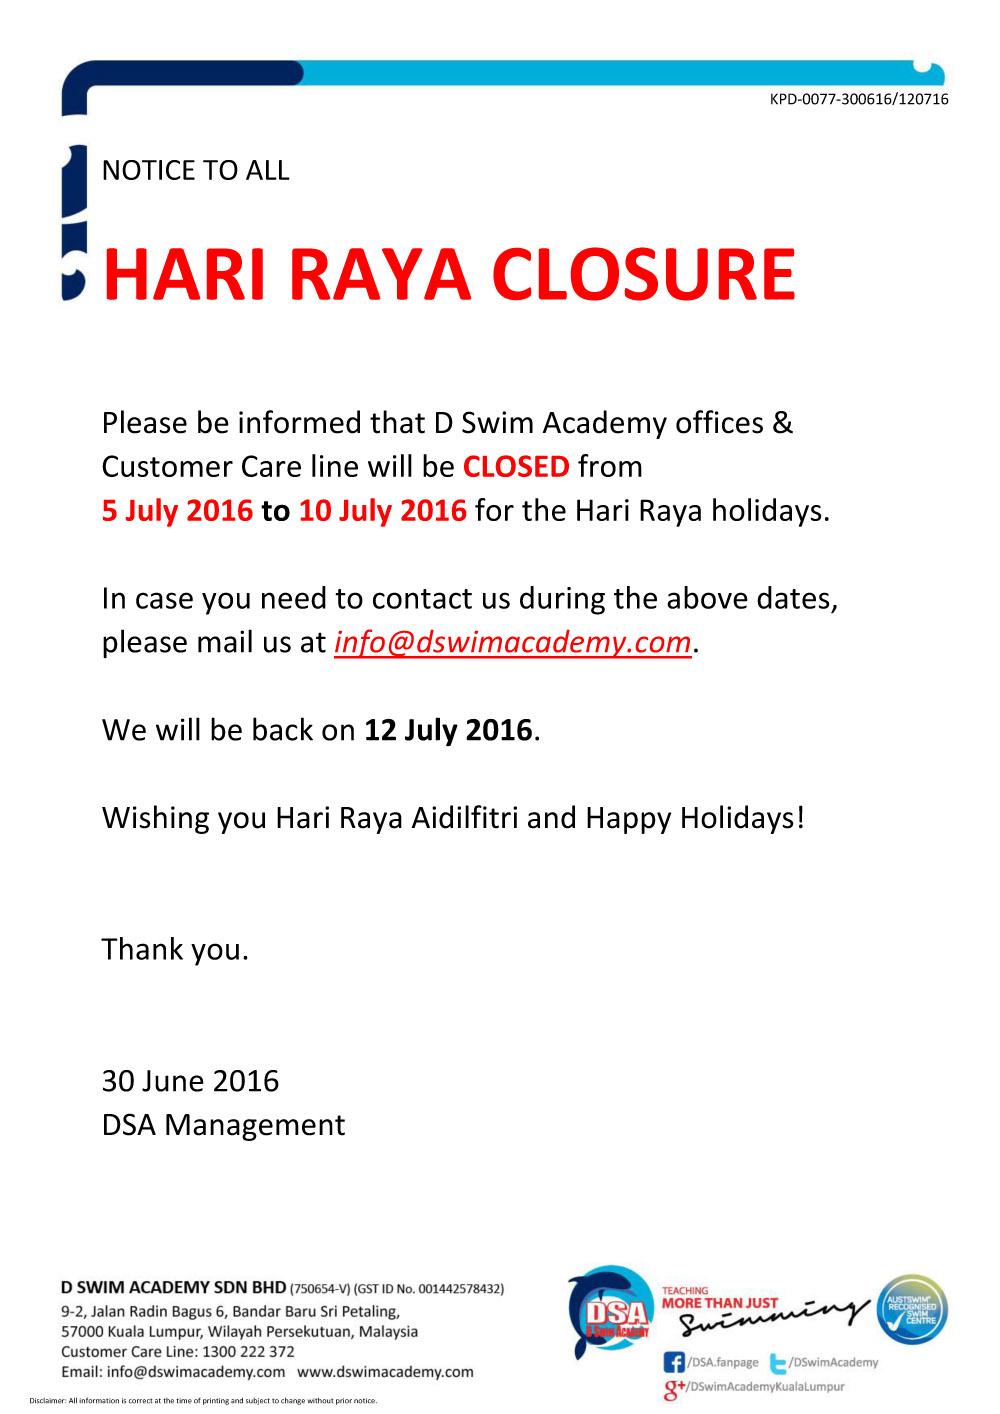 Hari Raya Closure